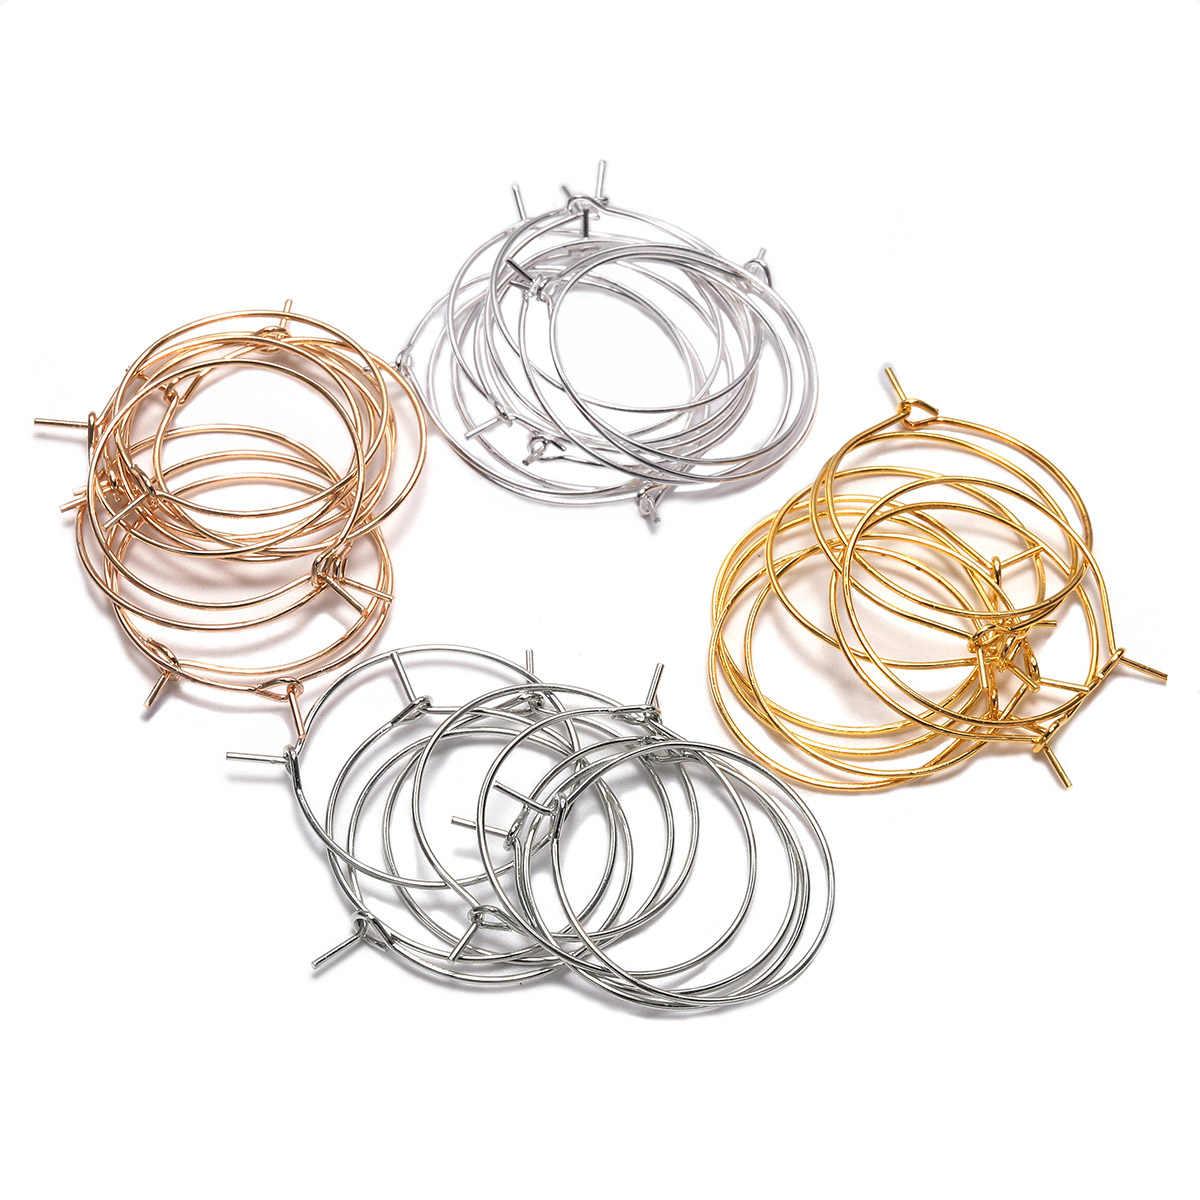 50 ชิ้น/ล็อต 20 25 30 35 มม.เงิน KC GOLD Hoops ต่างหู Big Circle EAR Hoops ต่างหูสายสำหรับ DIY เครื่องประดับทำอุปกรณ์